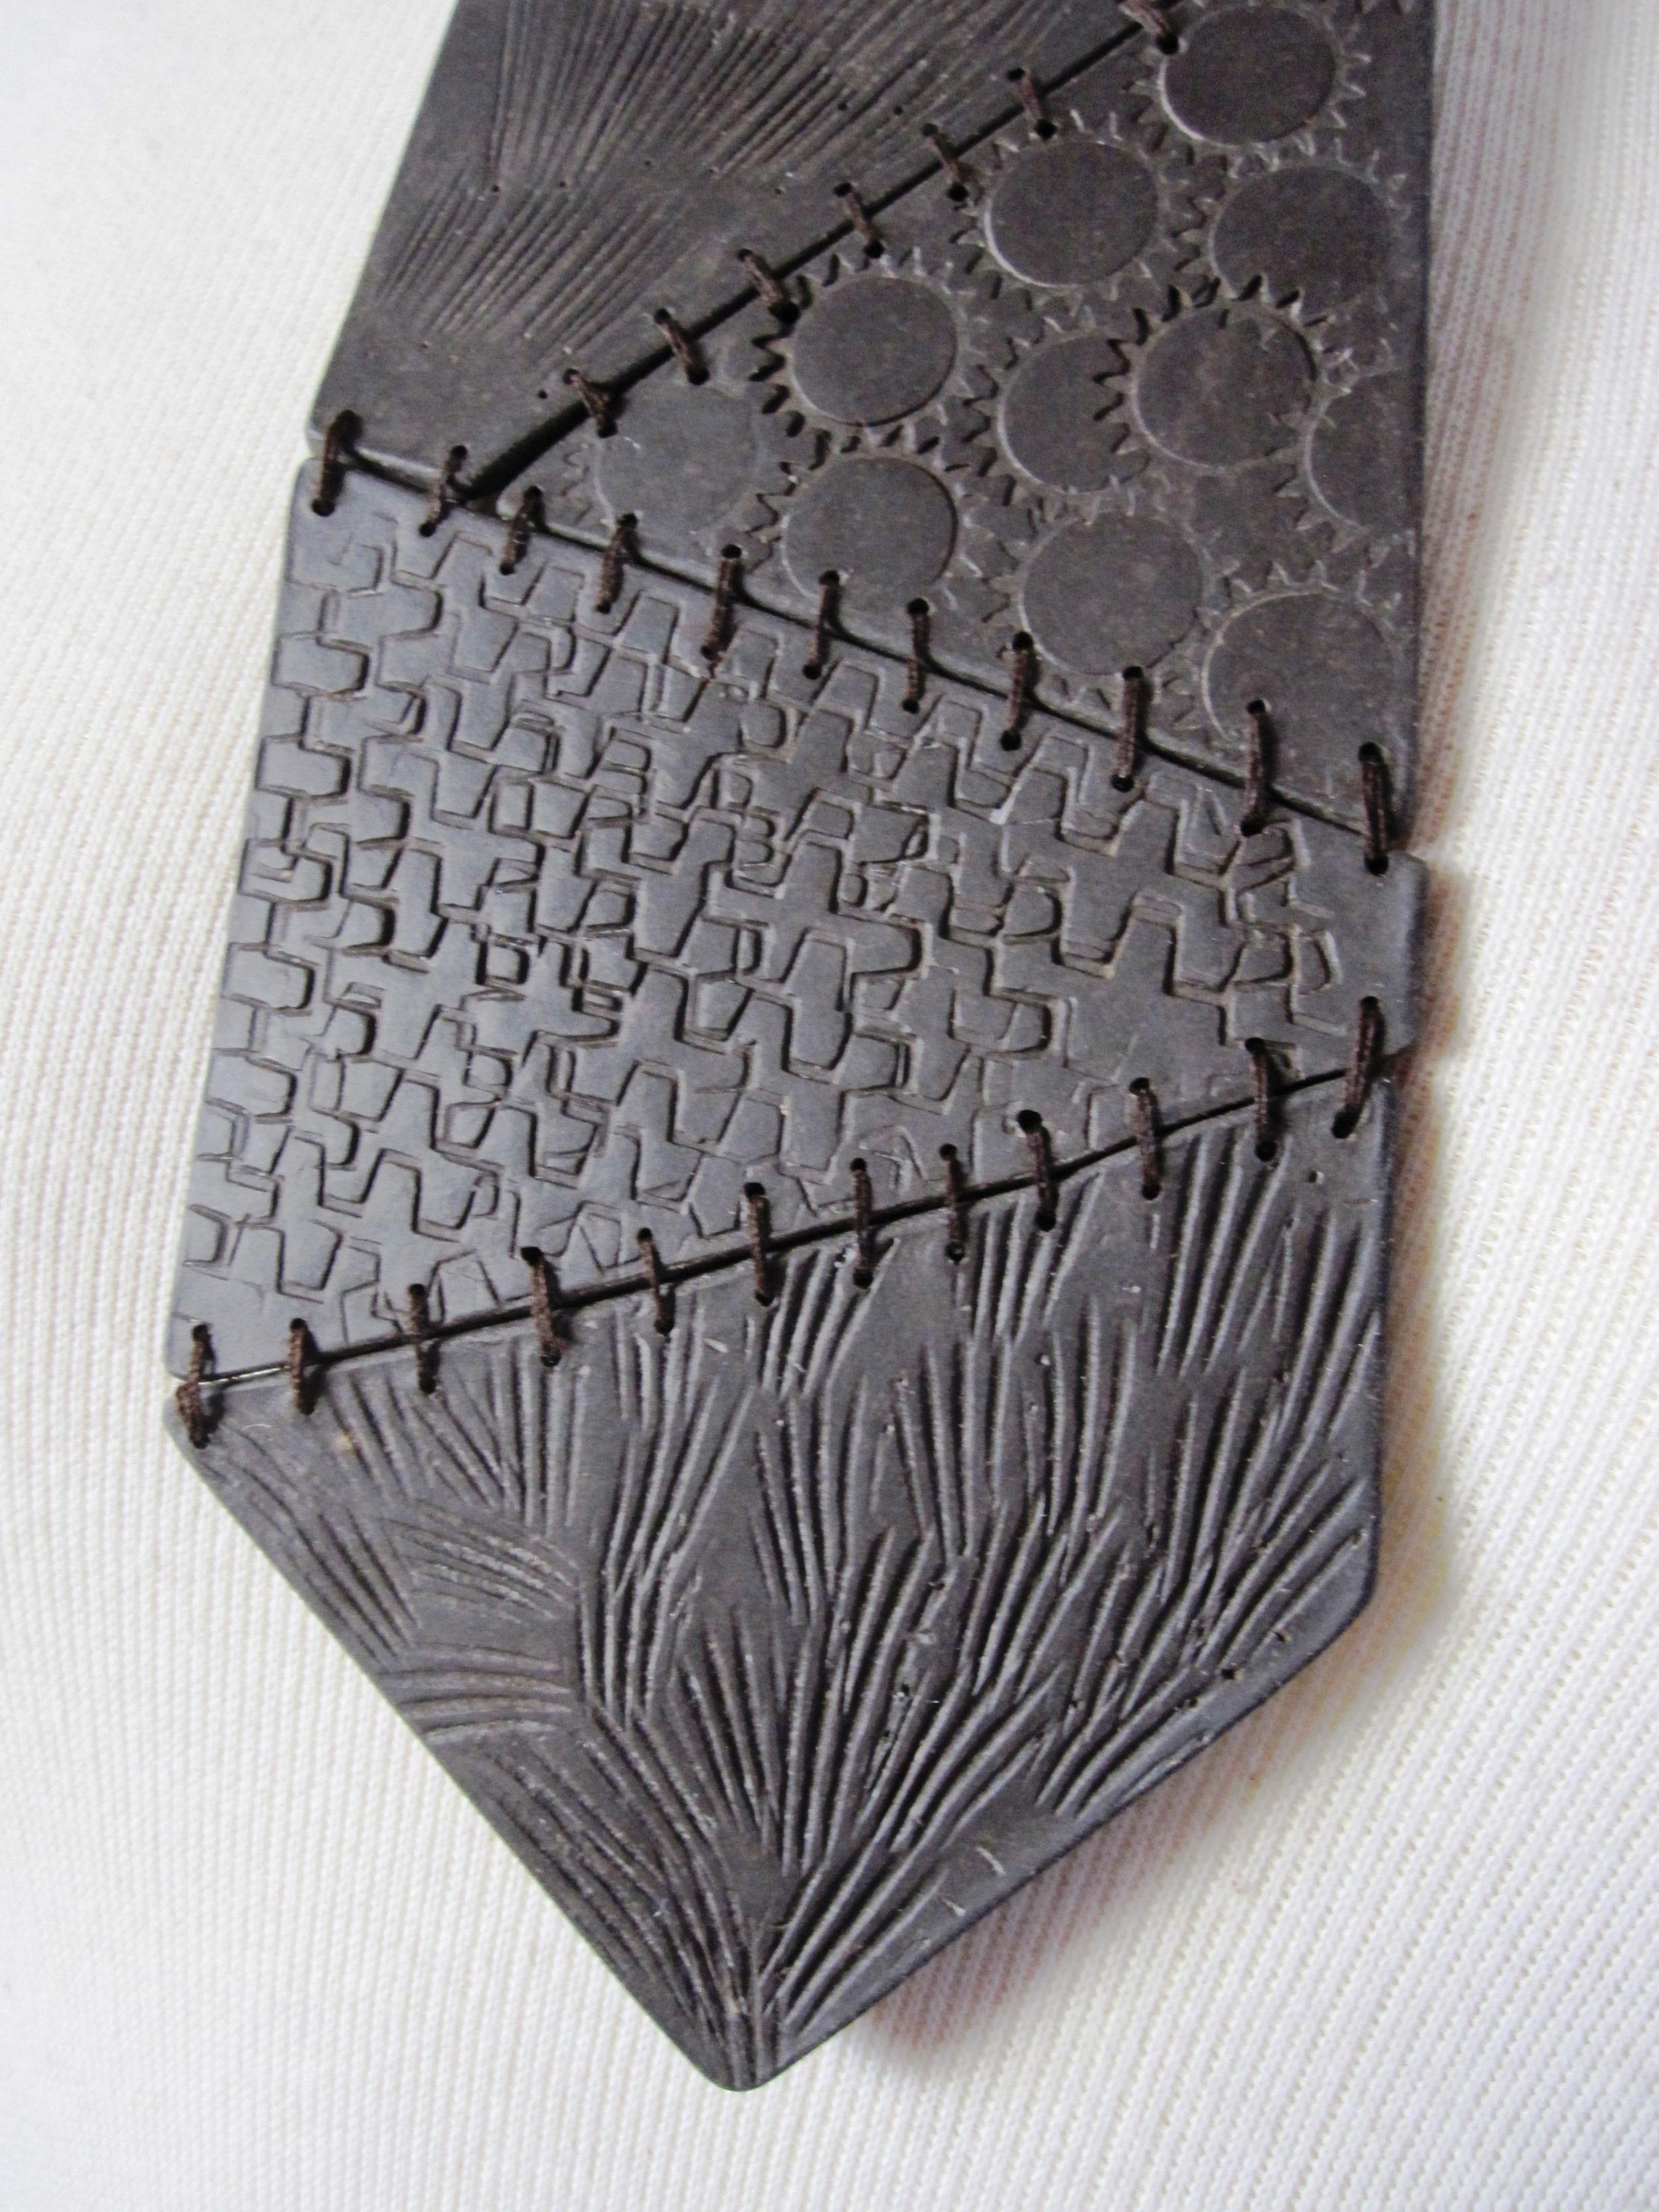 Curso de joyeria experimental mixed media ceramics&textile de ElTornBarcelona. Más info? eltorn@eltornbarcelona.com.